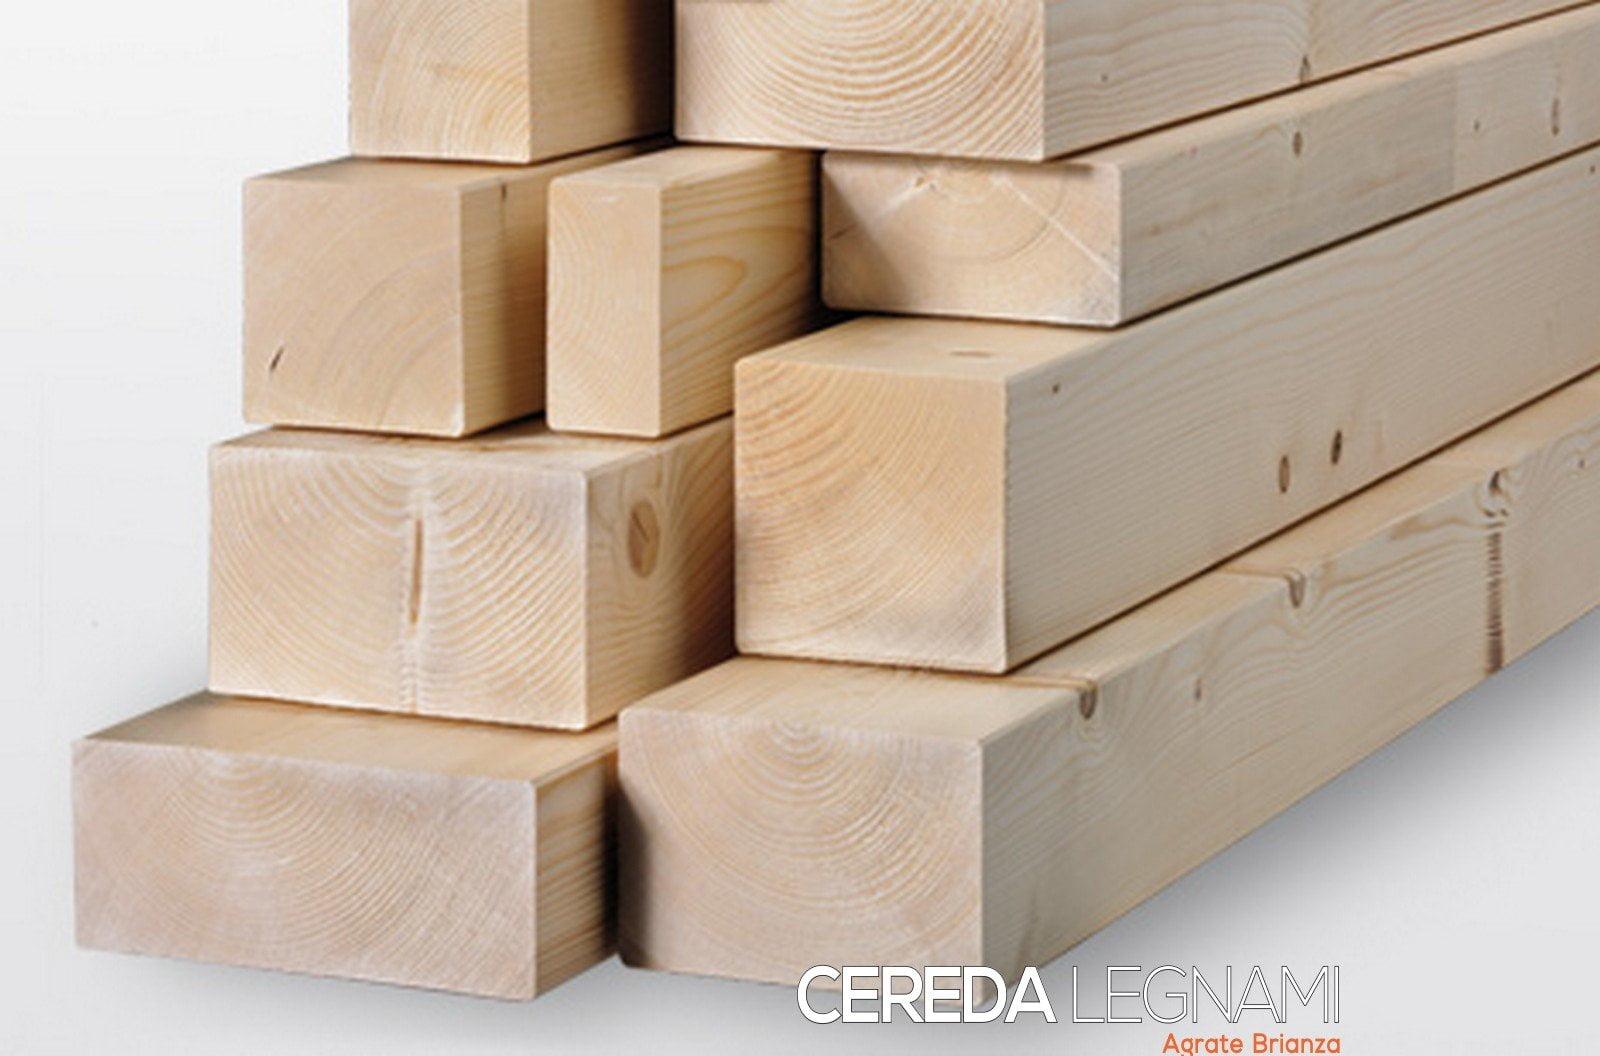 Legname costruzione cereda legnami agrate brianza - Tavole da carpenteria prezzi ...